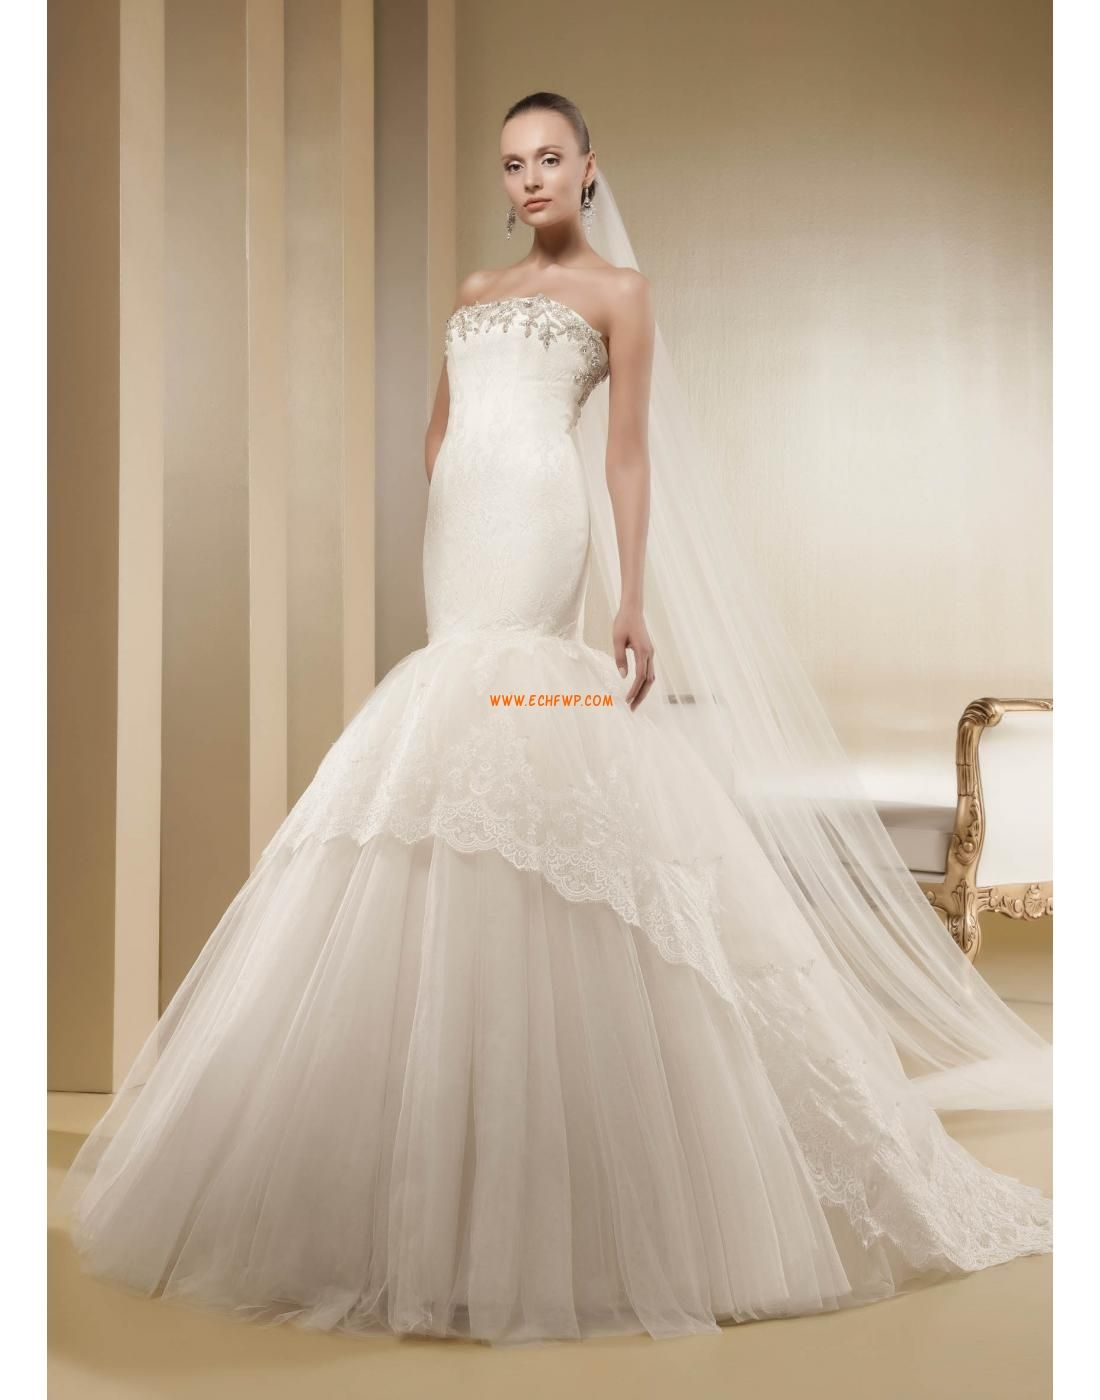 trägerloser Ausschnitt Tülle Sommer Brautkleider 2014